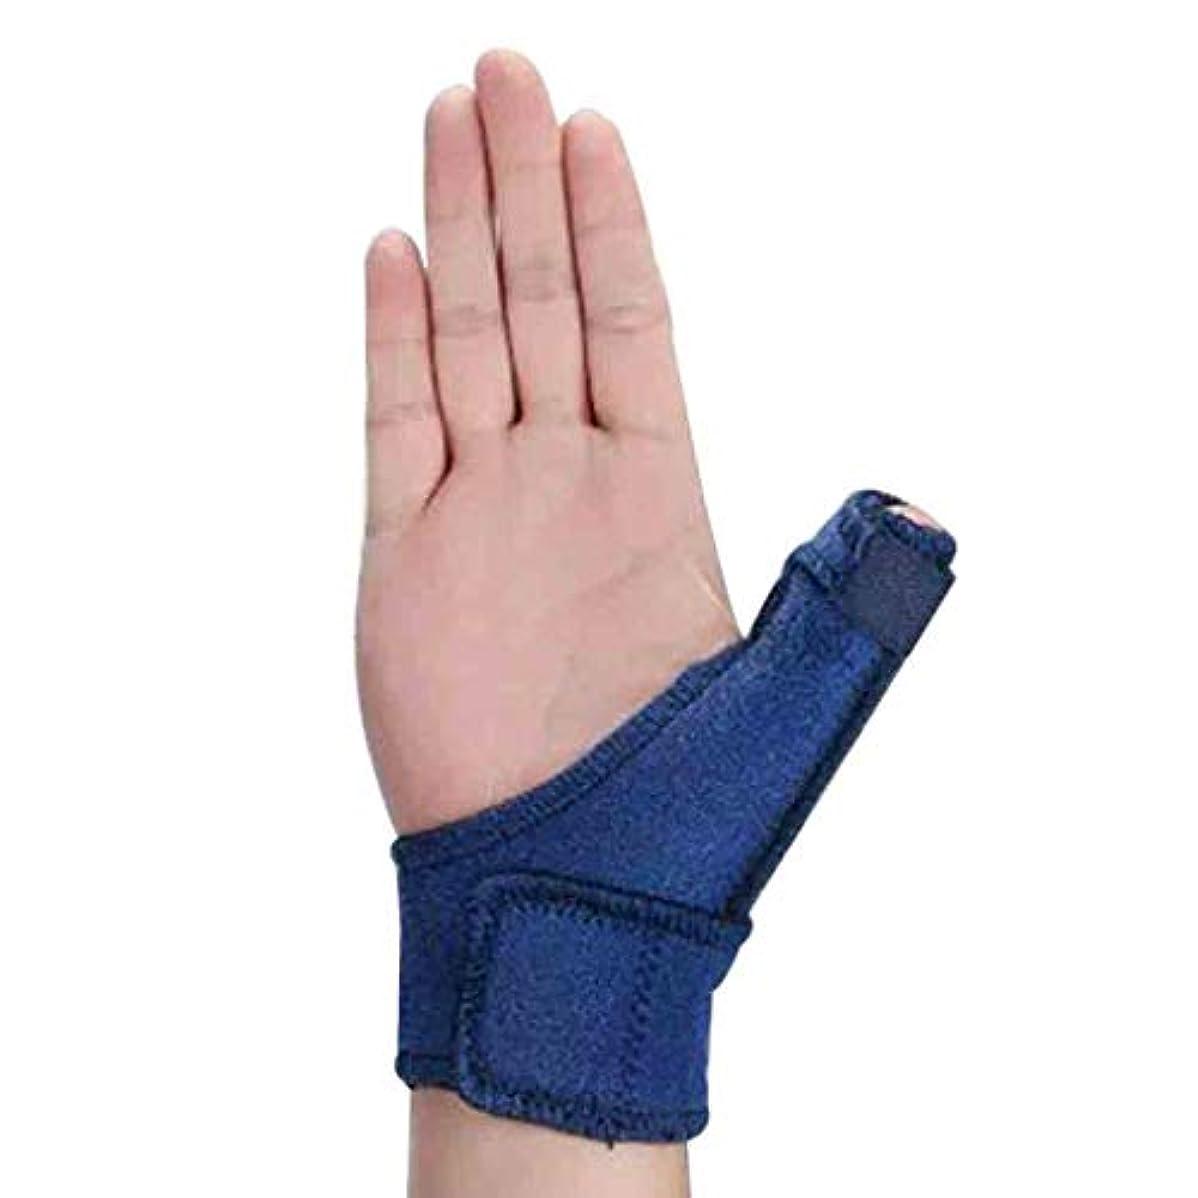 行き当たりばったり意気込みこっそりトリガーのための調節可能な親指スプリント親指リストストラップブレース親指スプリント親指関節炎痛み緩和ブレース(1個、ユニセックス、左&右の手青) Roscloud@